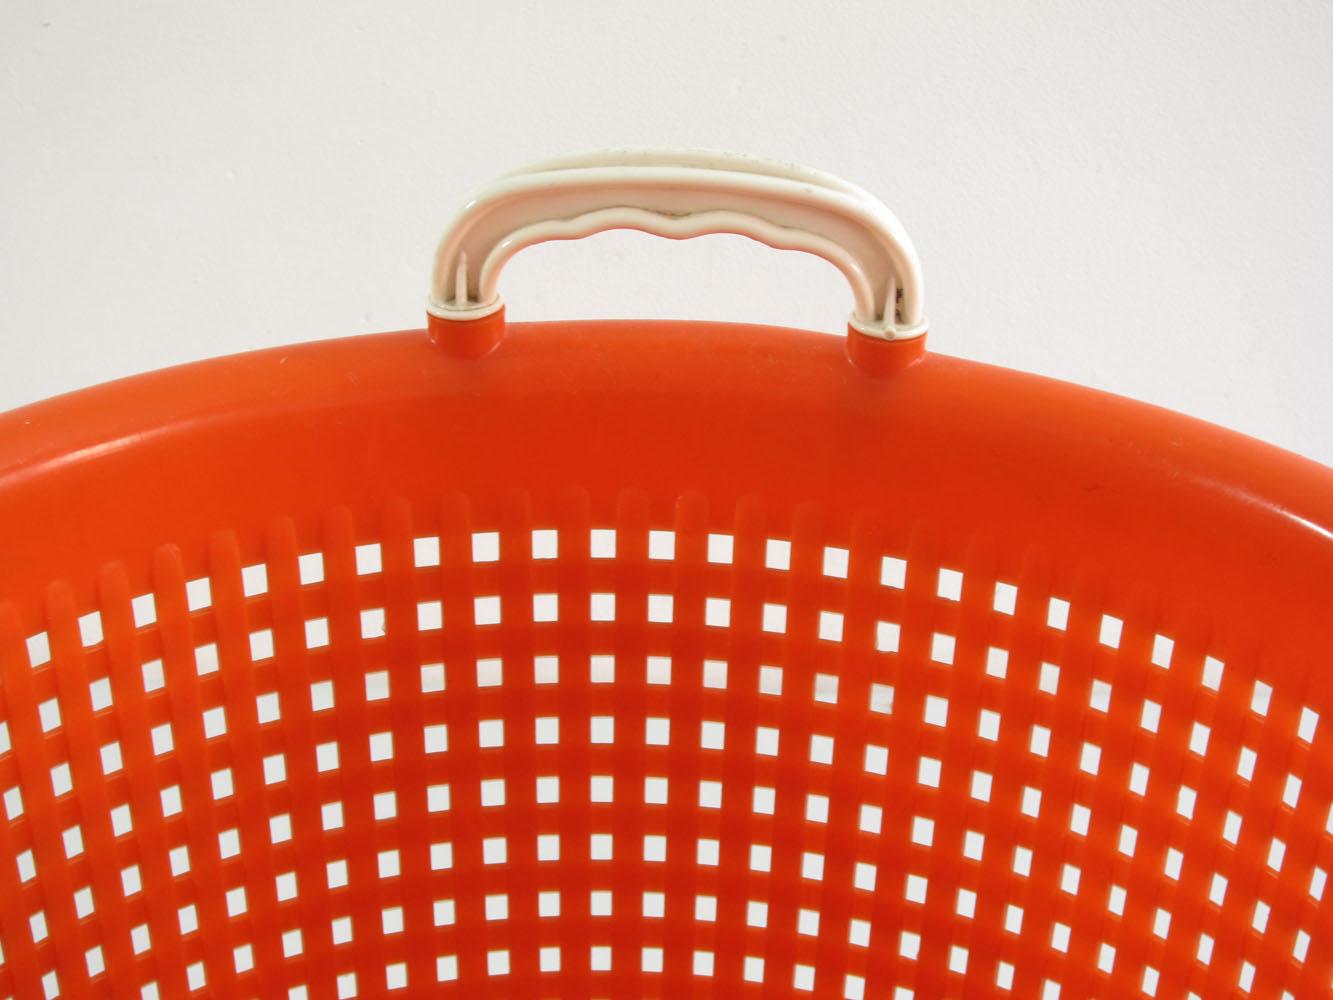 Orange plastic laundry basket sixties vintage